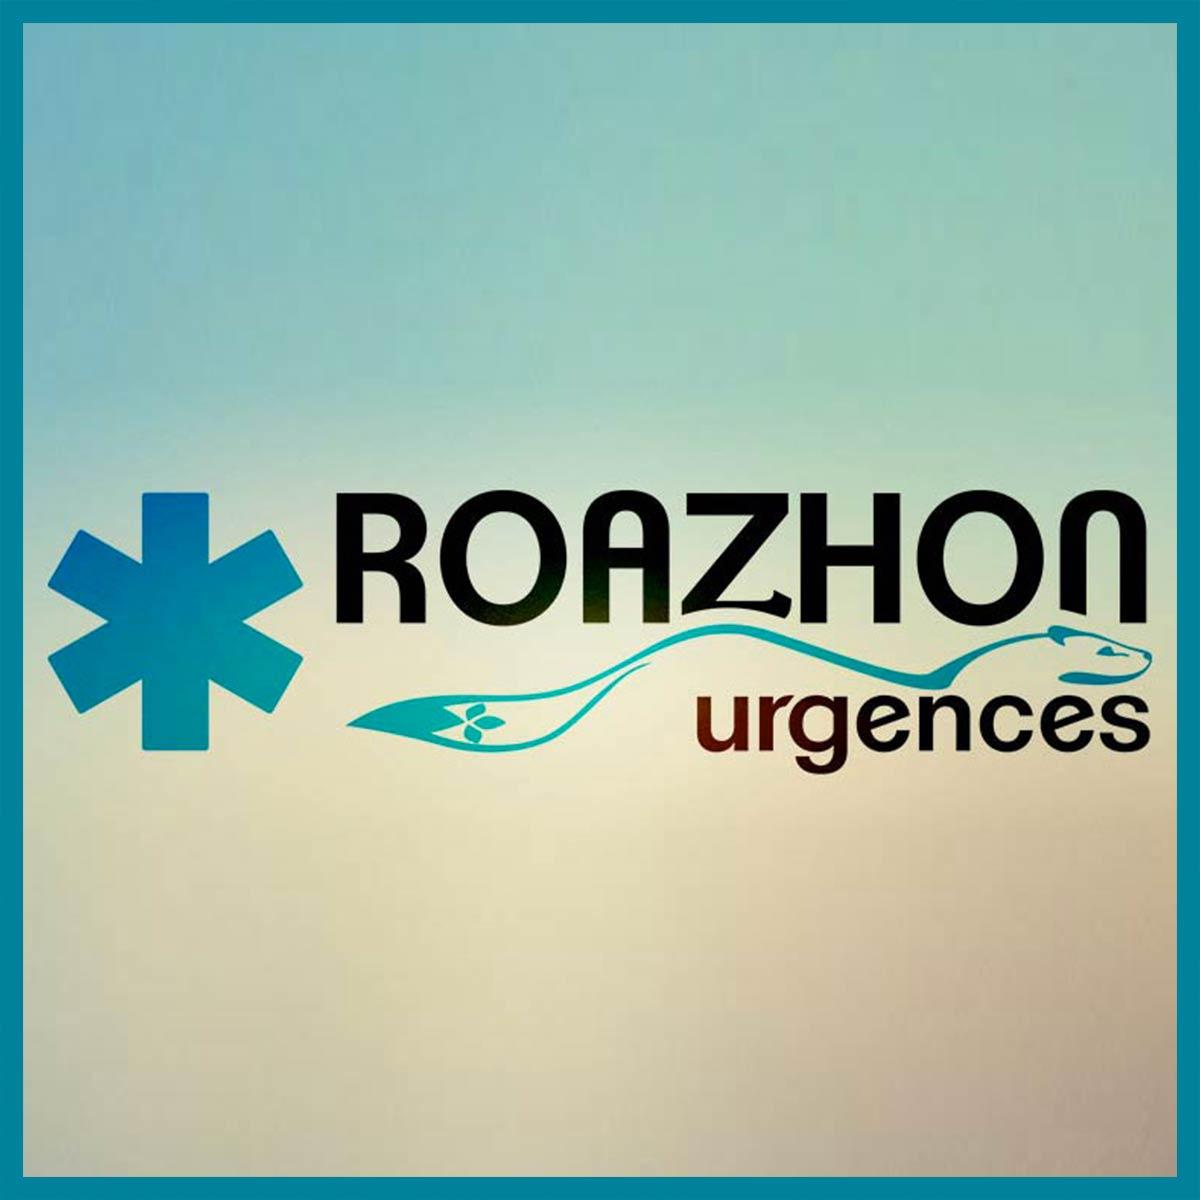 Roazhon Urgences - logo, site web et documents commerciaux par l'Agence de Com'